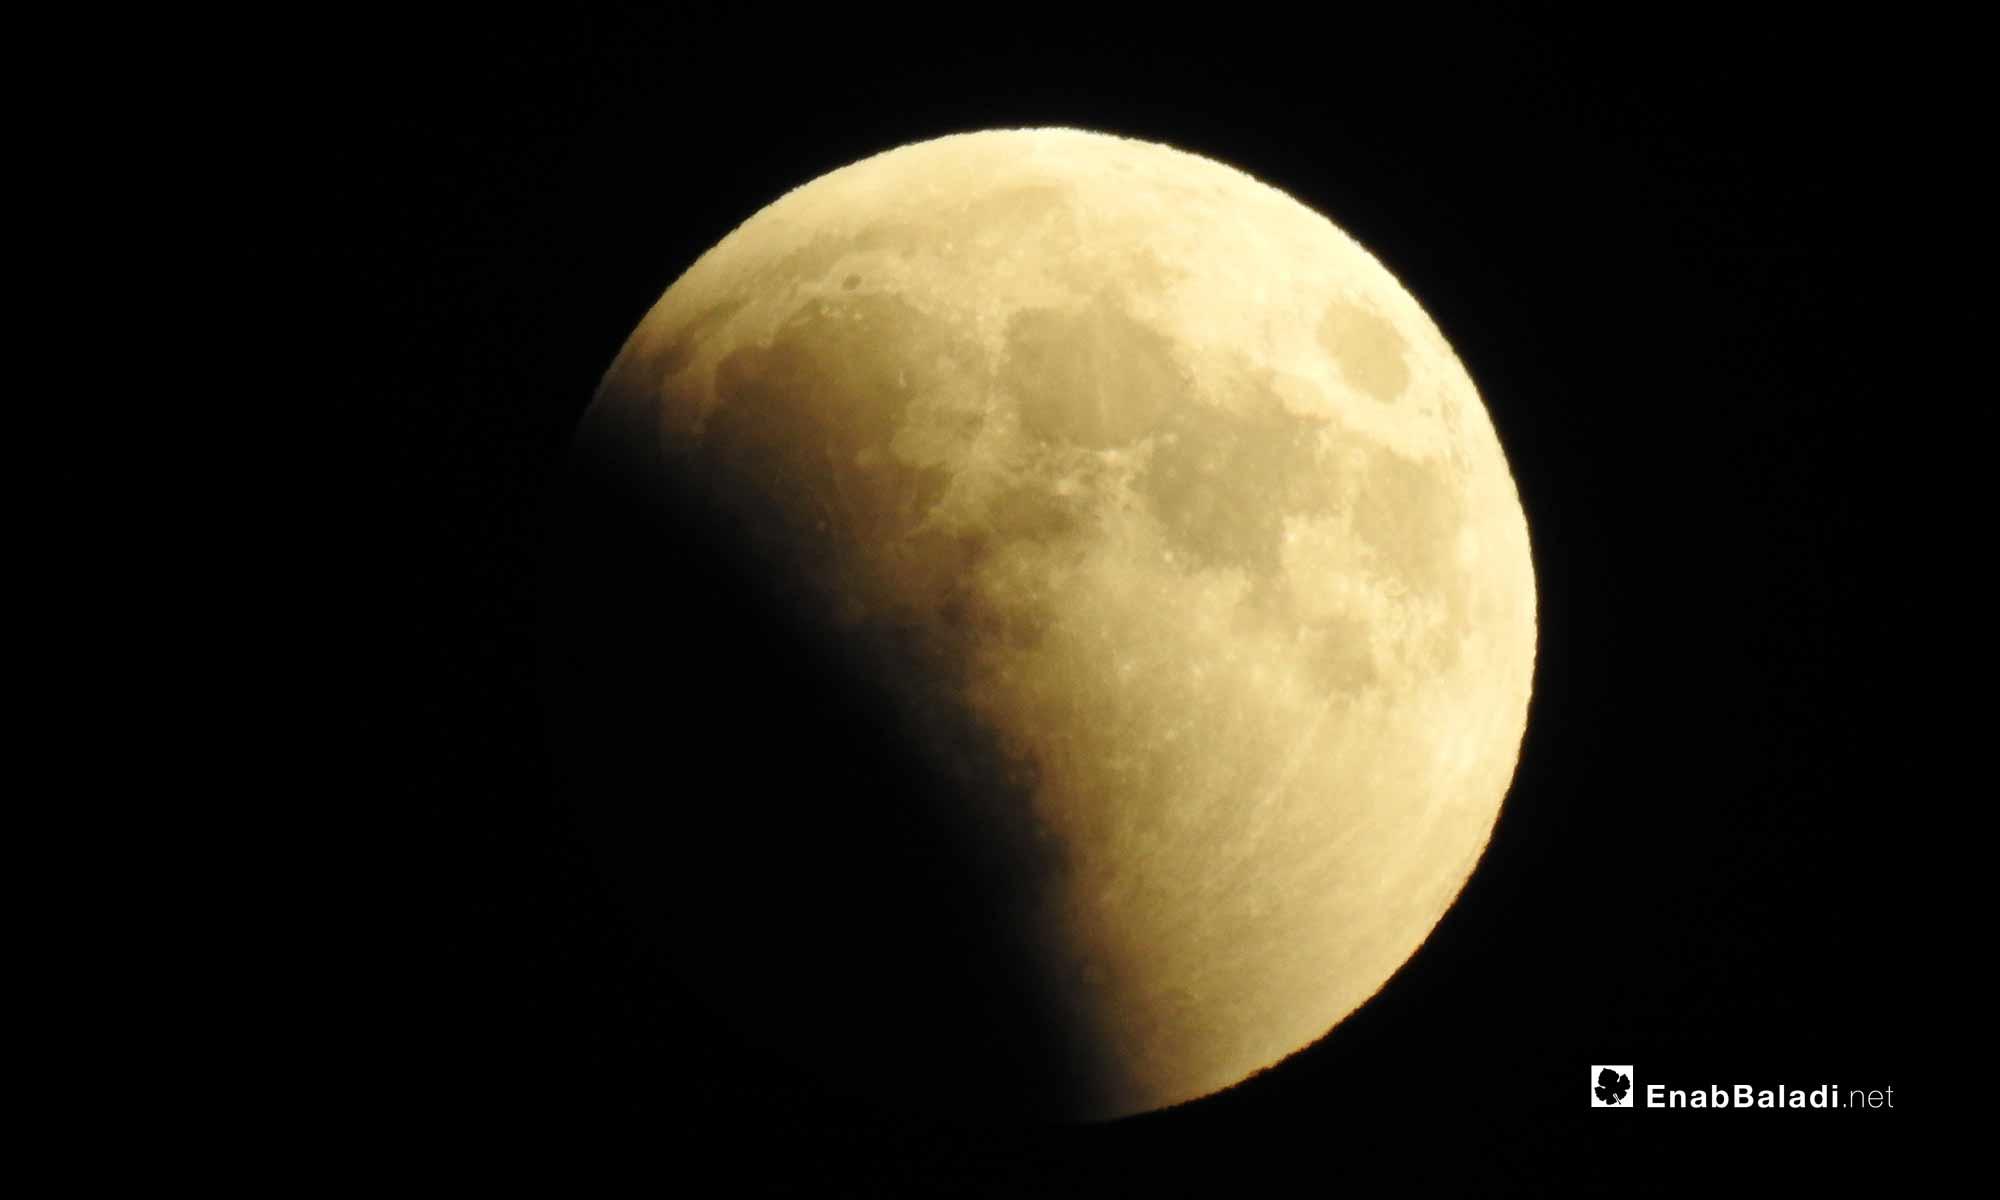 بداية خسوف القمر في ريف حلب الشمالي - 27 تموز 2018 (عنب بلدي)